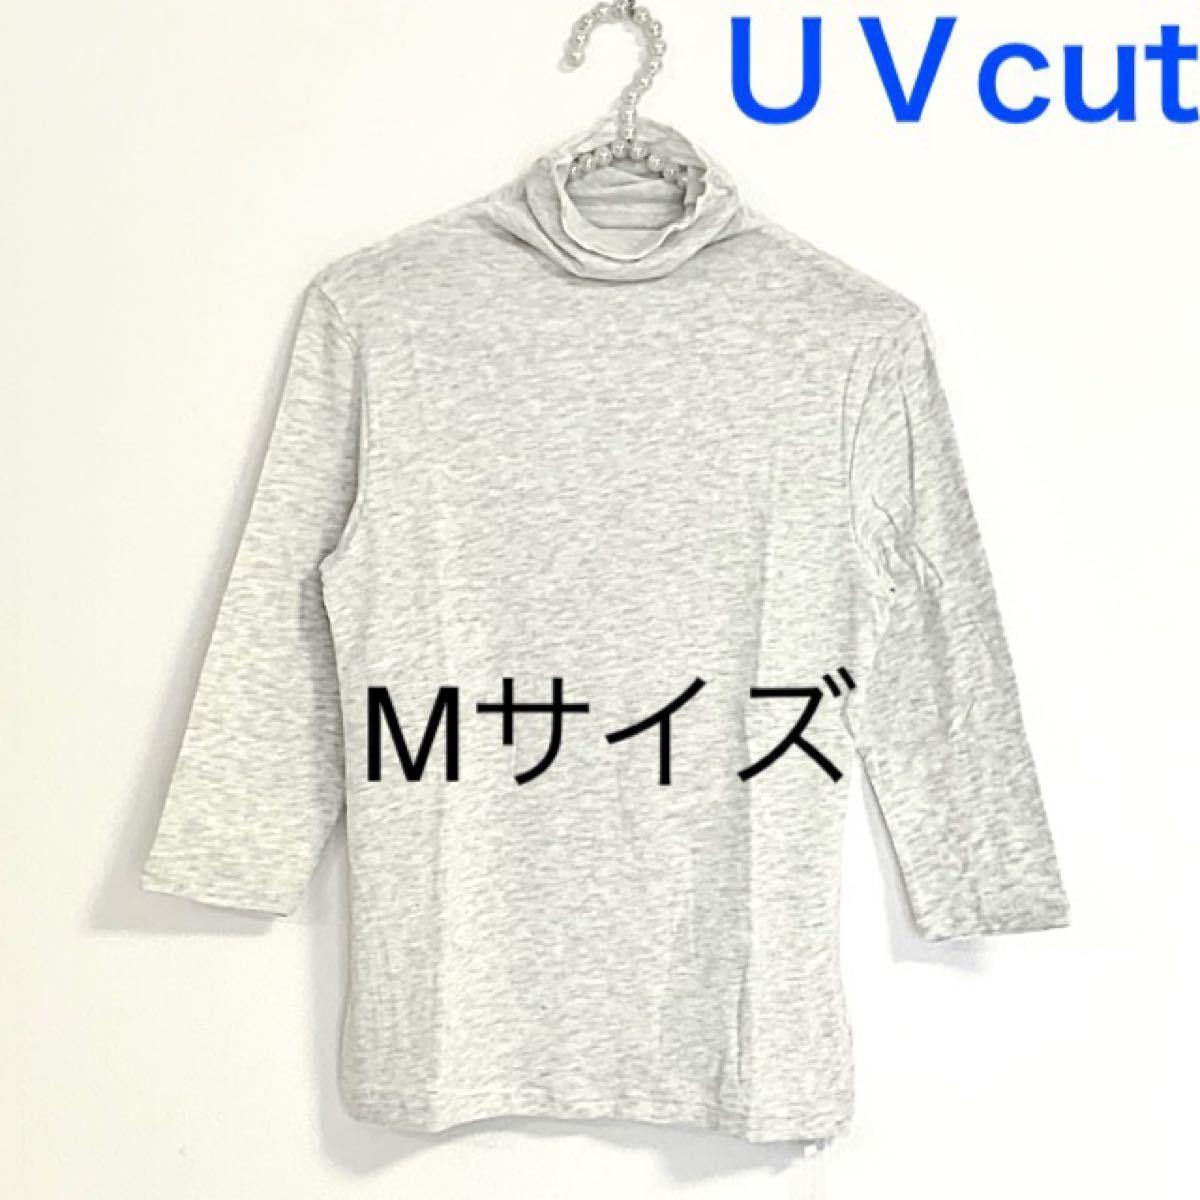 7分袖【Mサイズ】杢アイボリー★UVカットハイネックカットソー